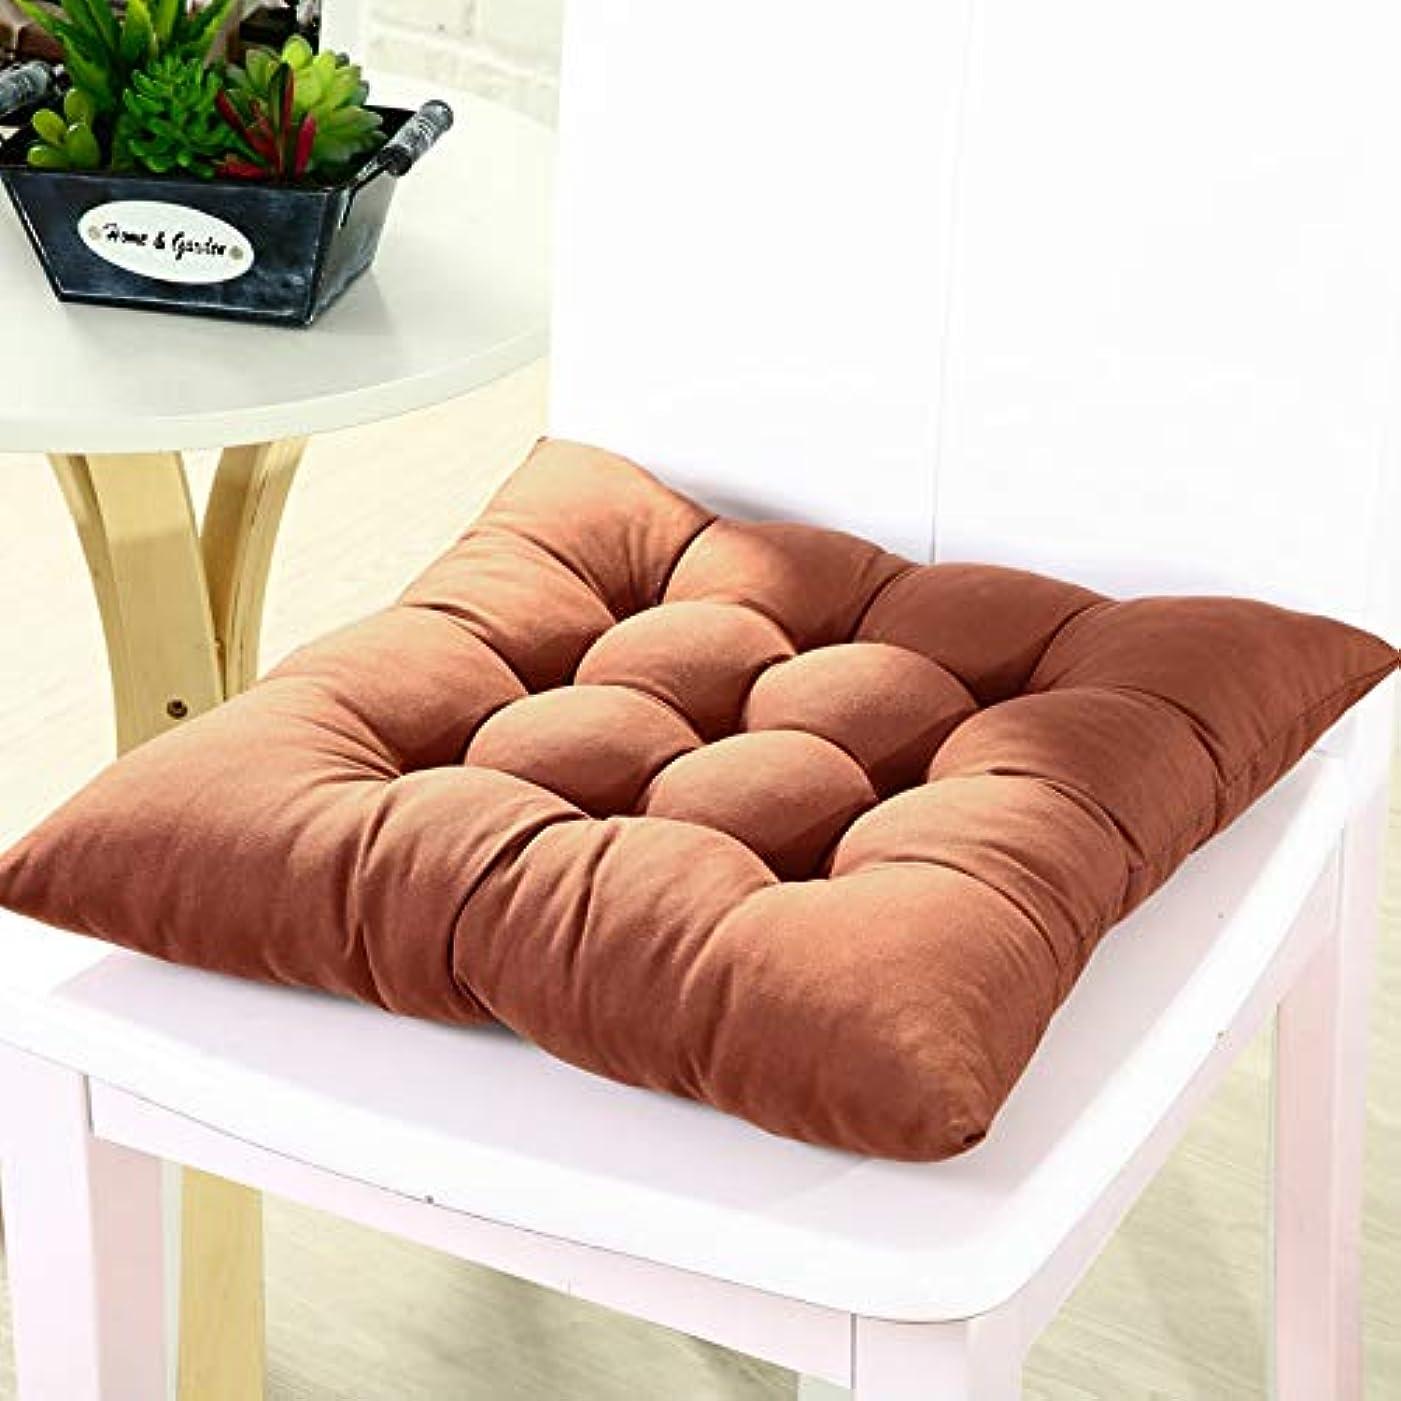 圧縮する反発電化するLIFE 12 色 40 × 40 センチメートルシートクッション真珠綿チェアバックシートのクッションソファ枕臀部快適な椅子クッション家の装飾 クッション 椅子